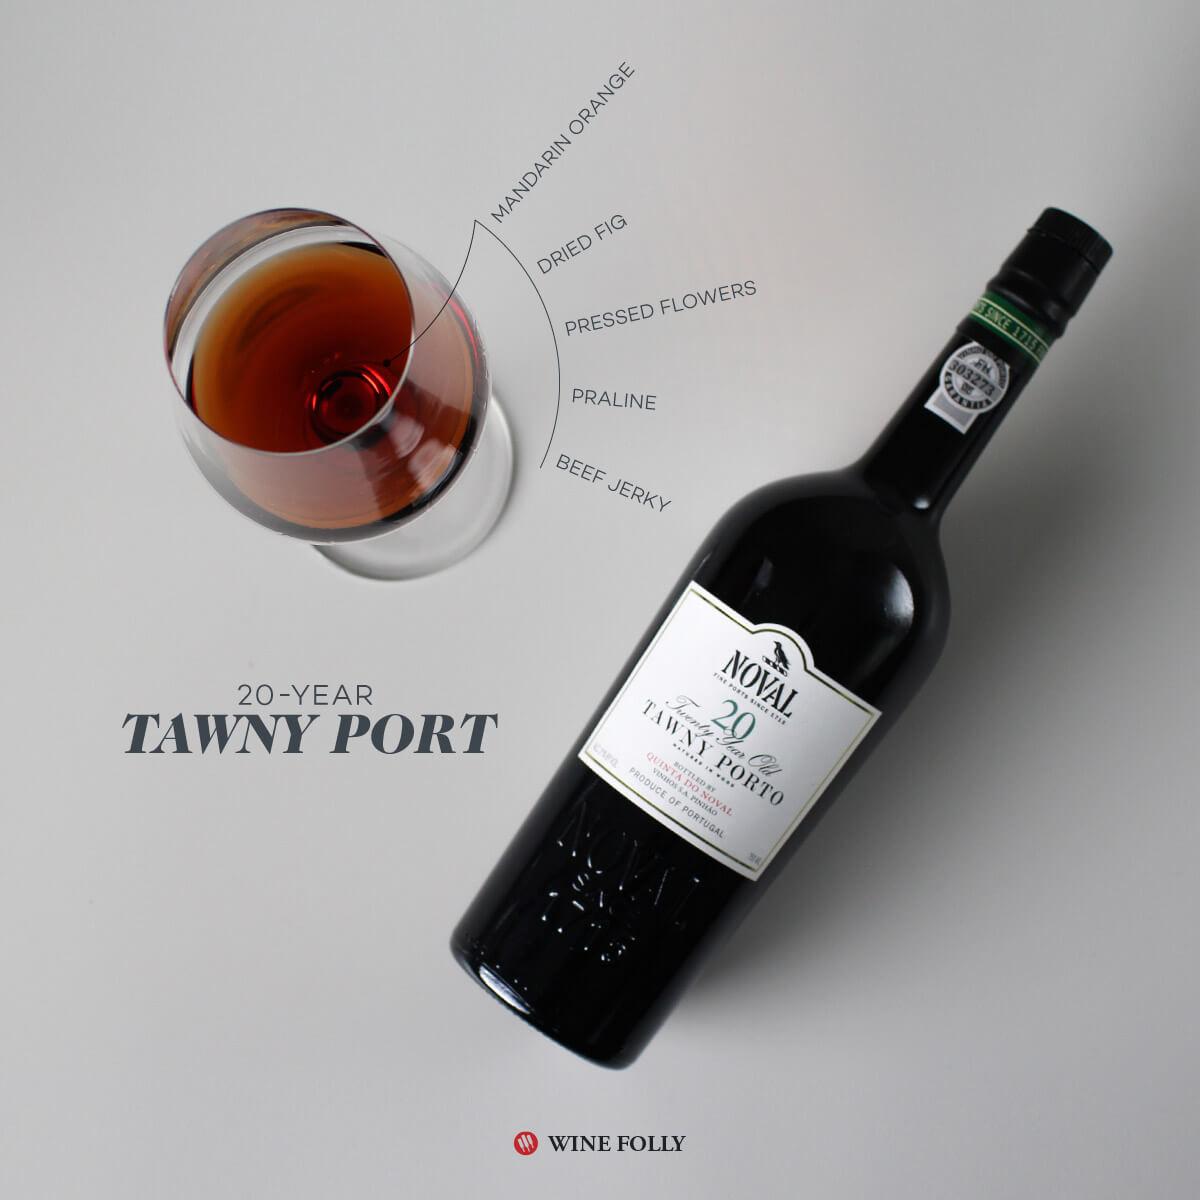 20-tawny-port-quinta-do-noval-winefolly